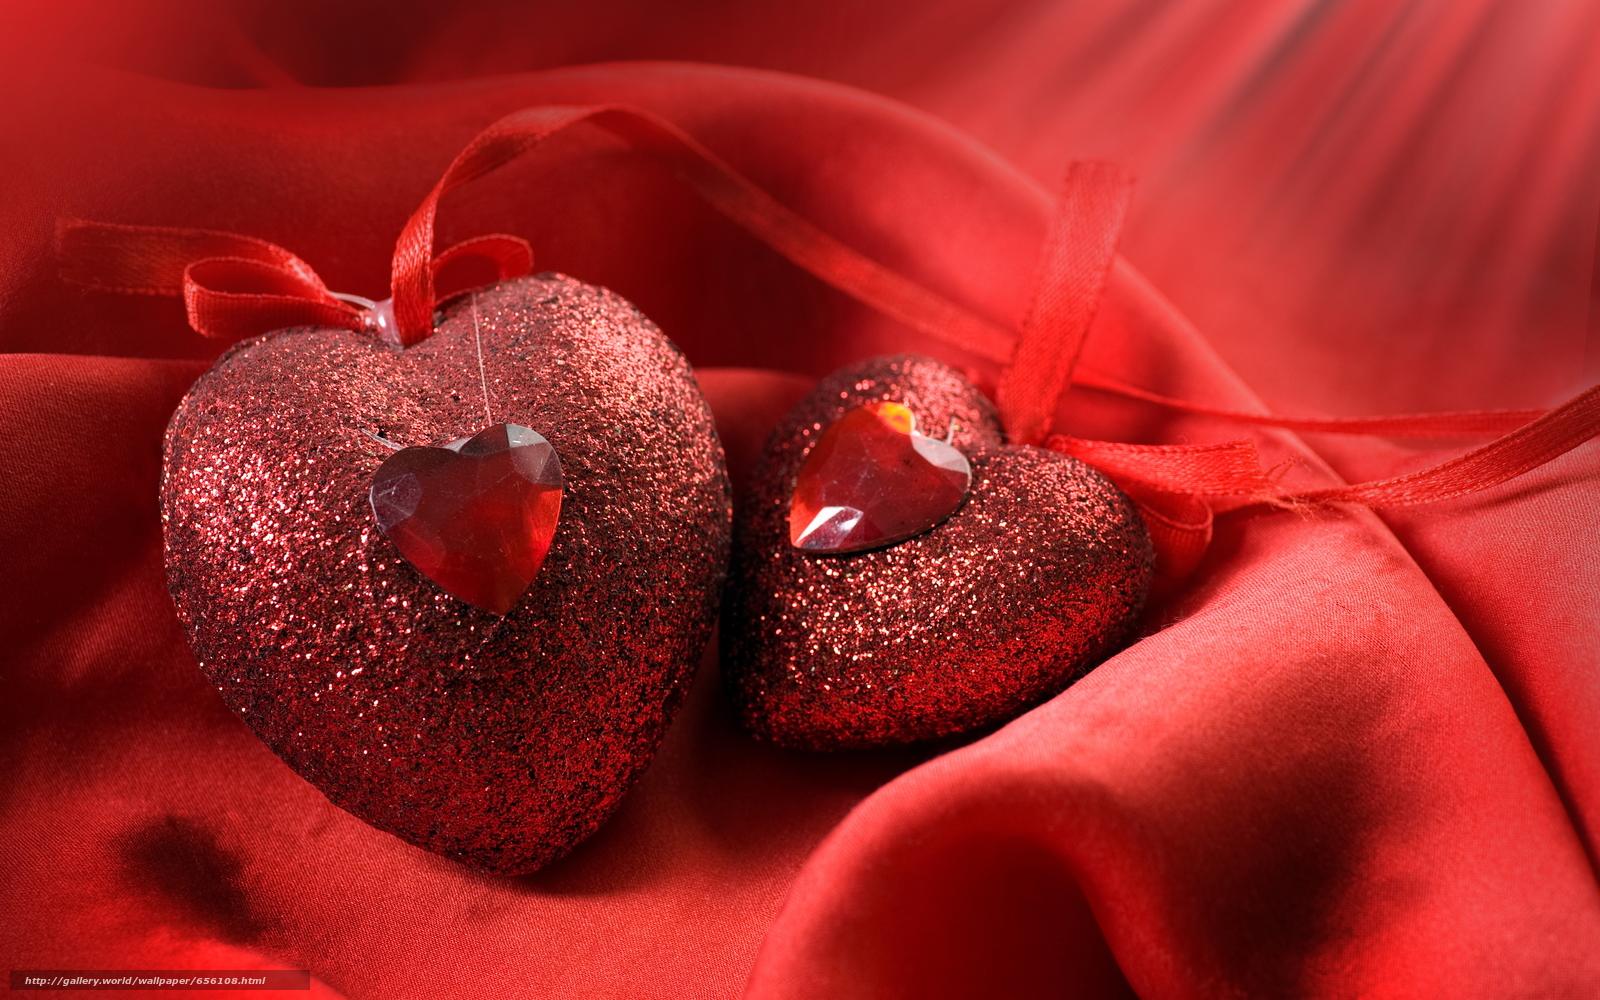 Скачать обои обои от Kisenok,  день святого валентина,  день всех влюбленных,  праздник бесплатно для рабочего стола в разрешении 4256x2660 — картинка №656108